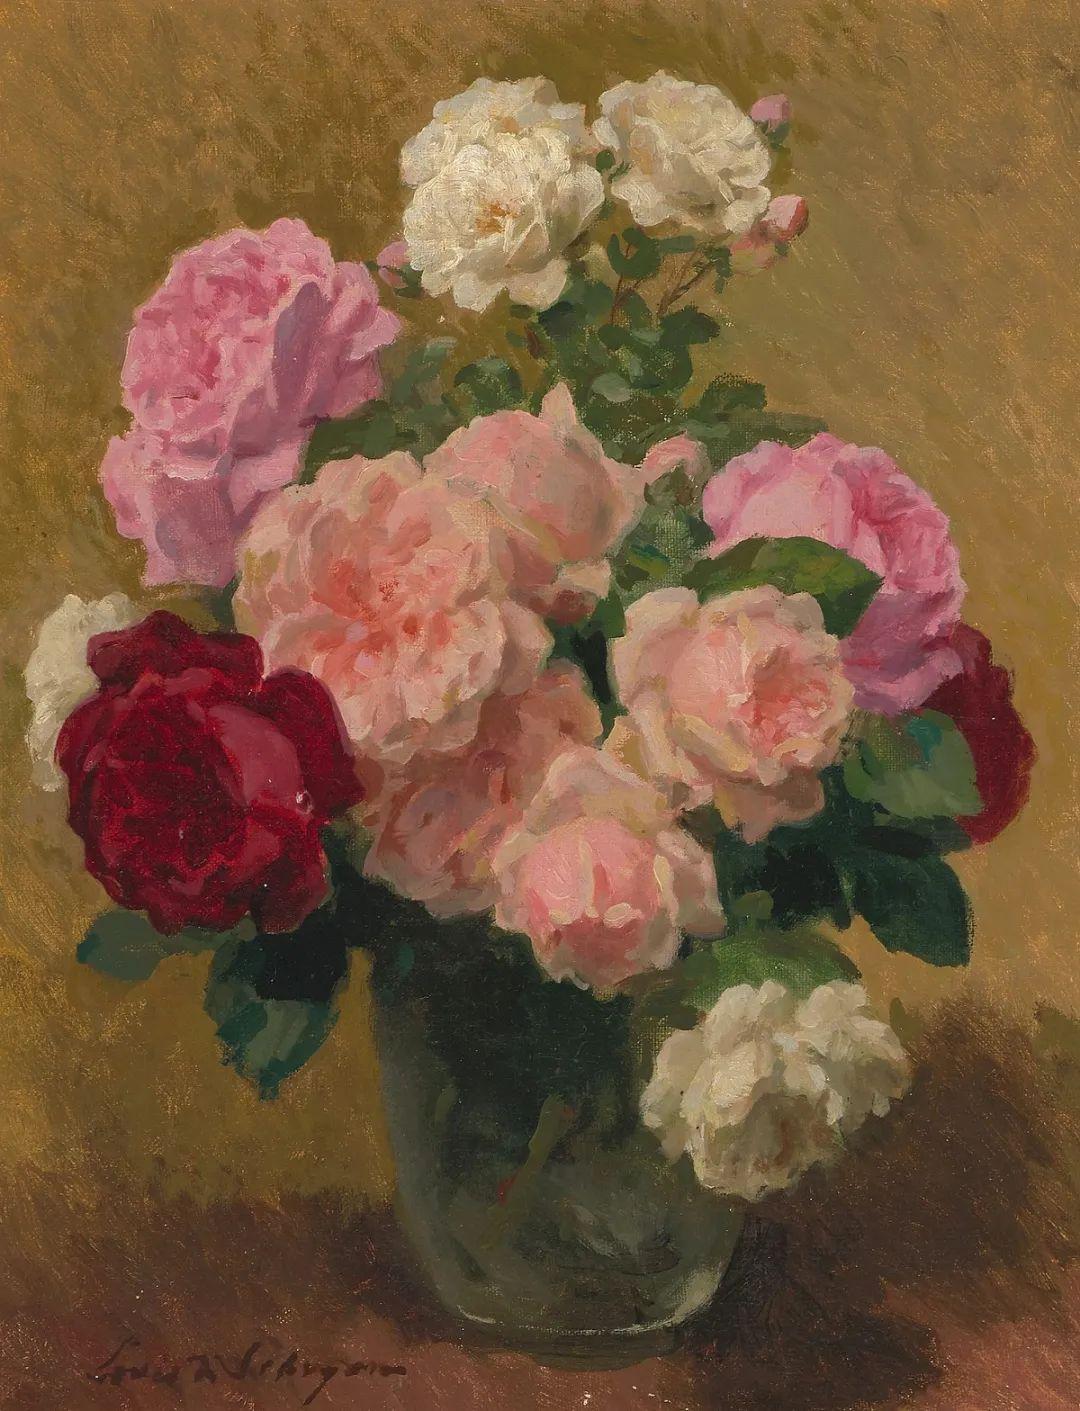 100年多前,她们是这样摆摊卖花的,好美的画面!插图43